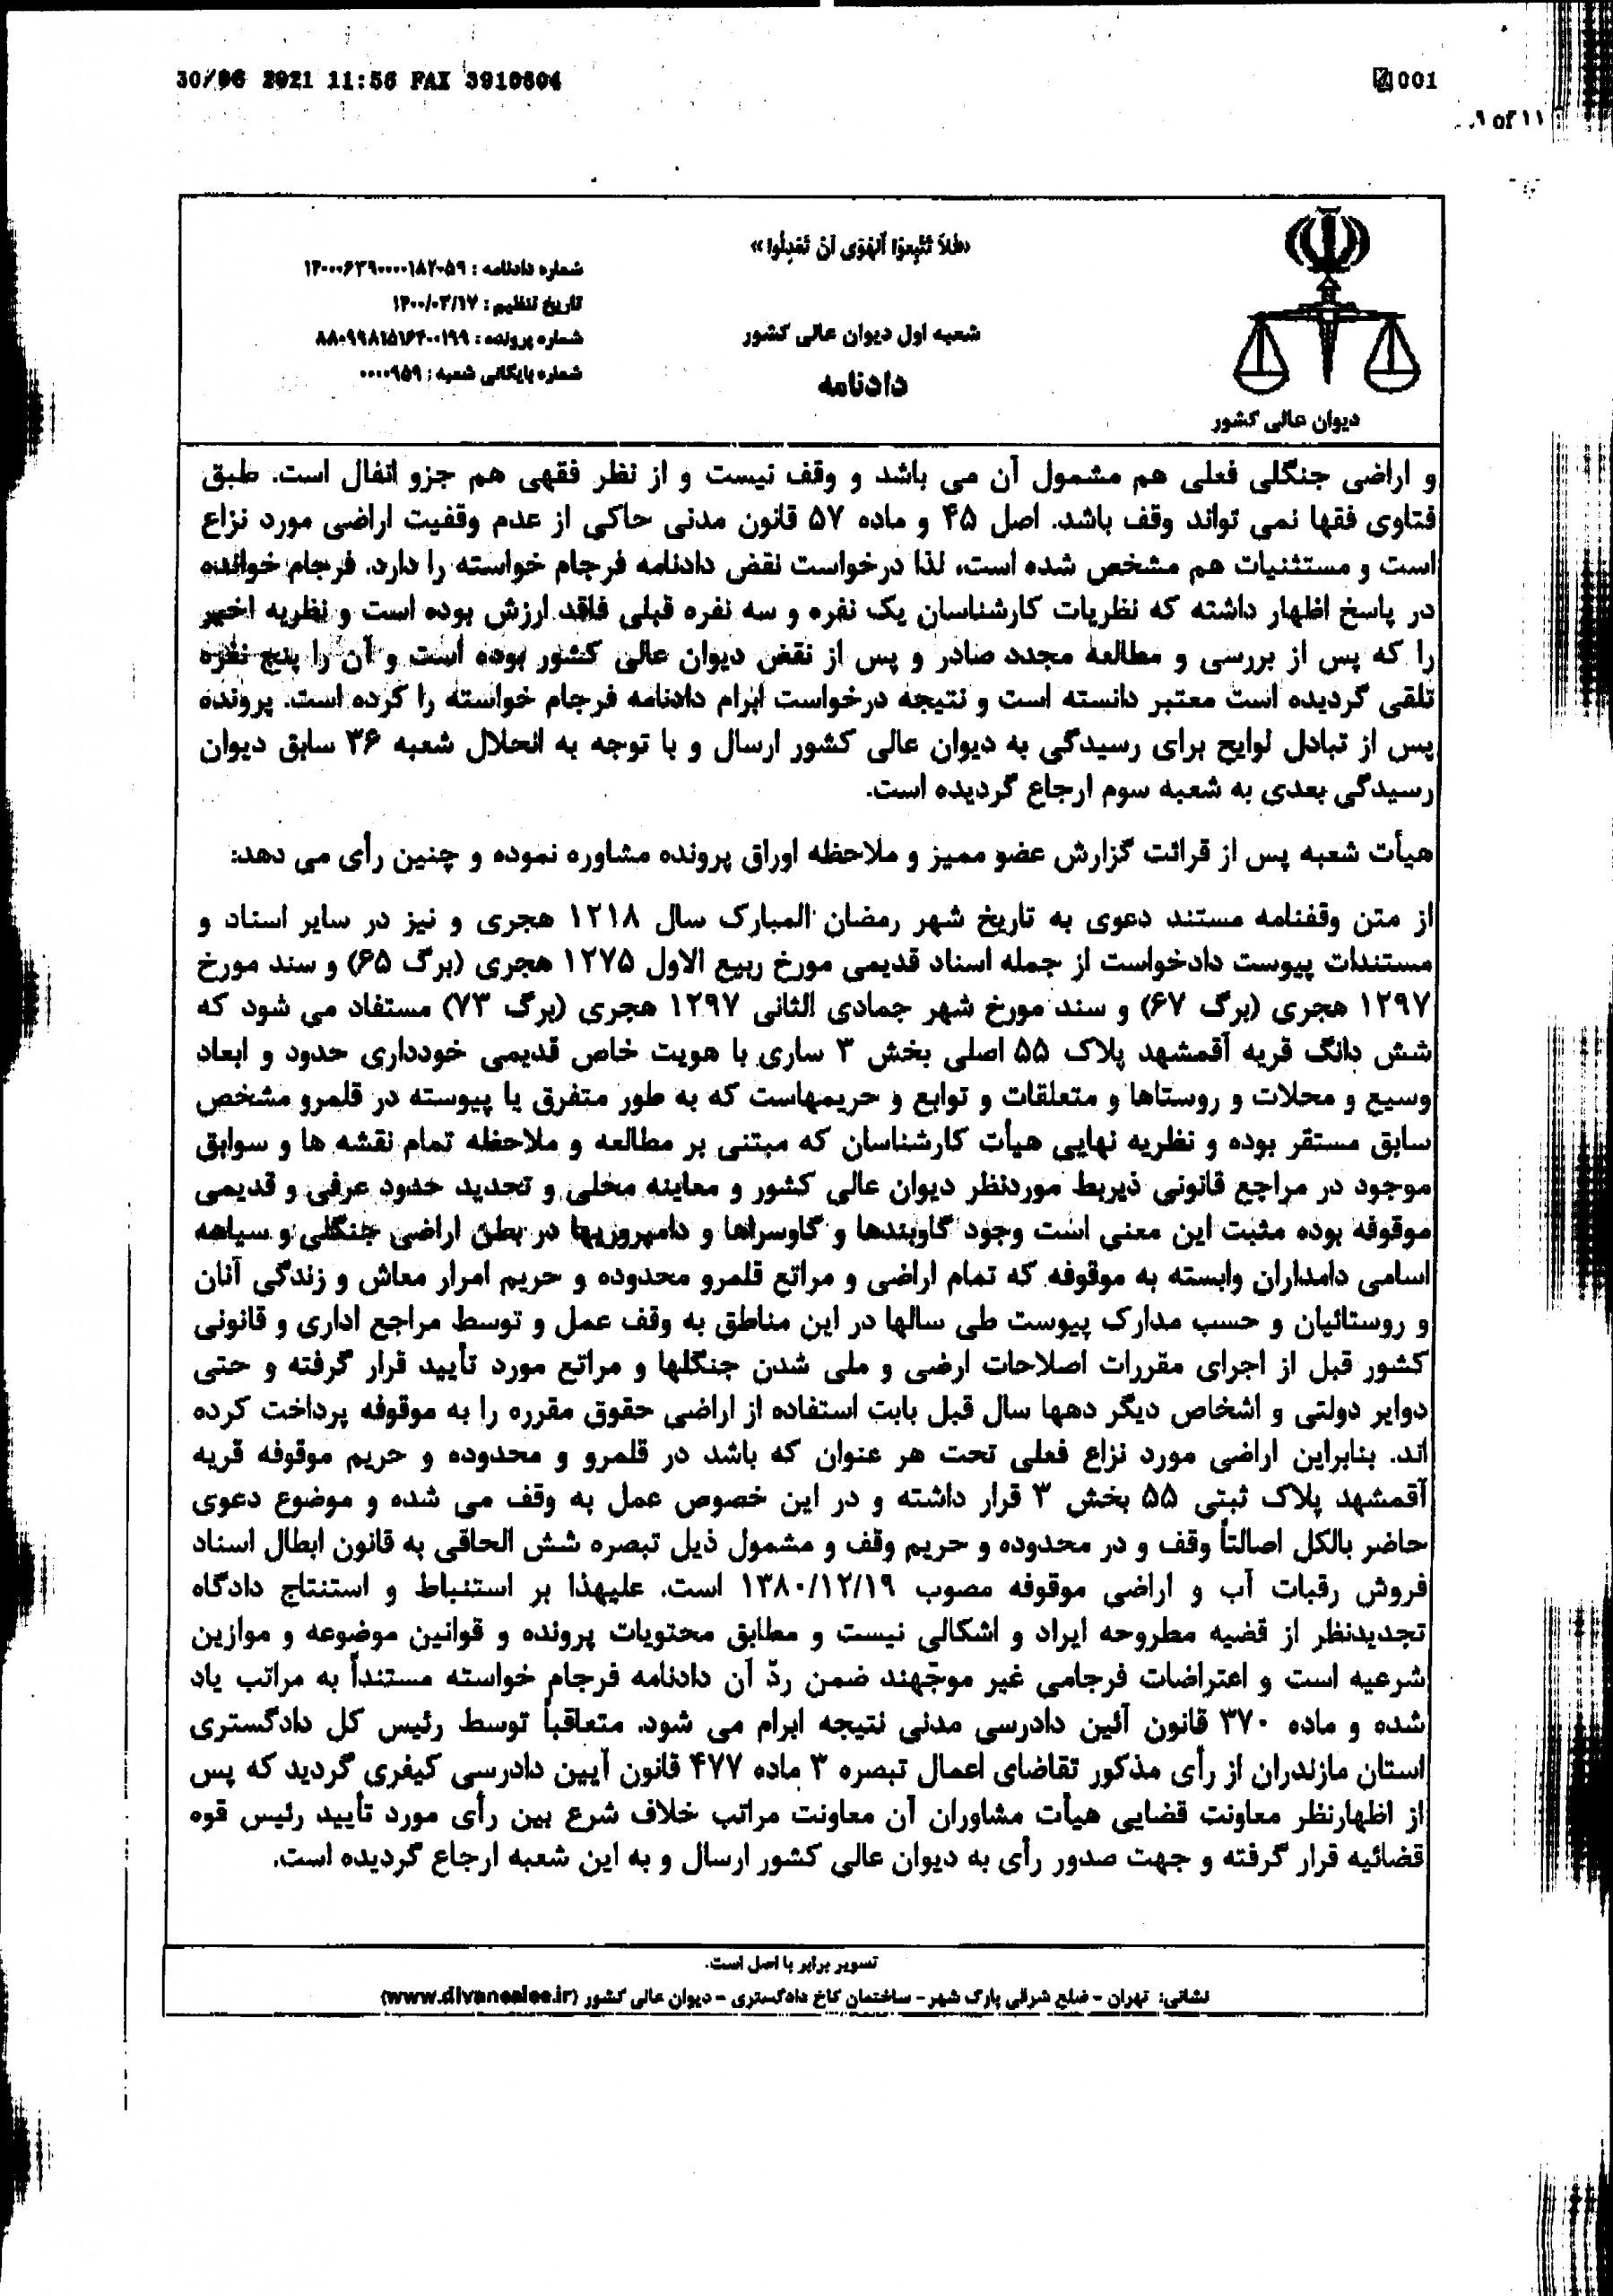 رأی شعبه یک دیوان عالی کشور درخصوص پرونده جنگل آق مشهد ۹